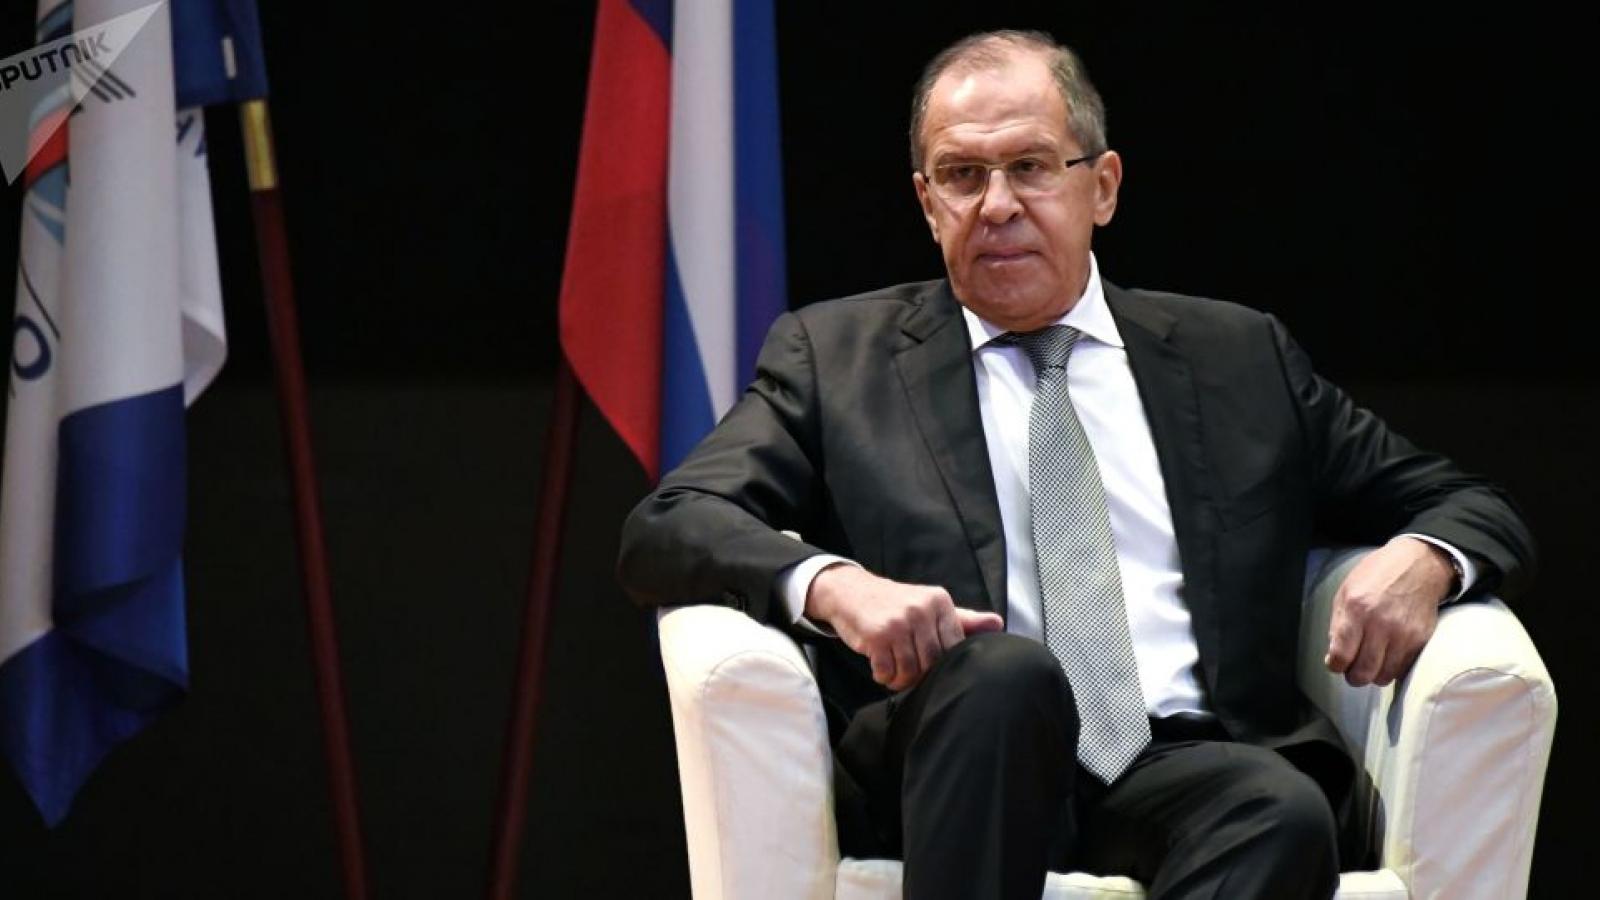 Ông Lavrov: Trừng phạt Nga và Trung Quốc là không khôn ngoan